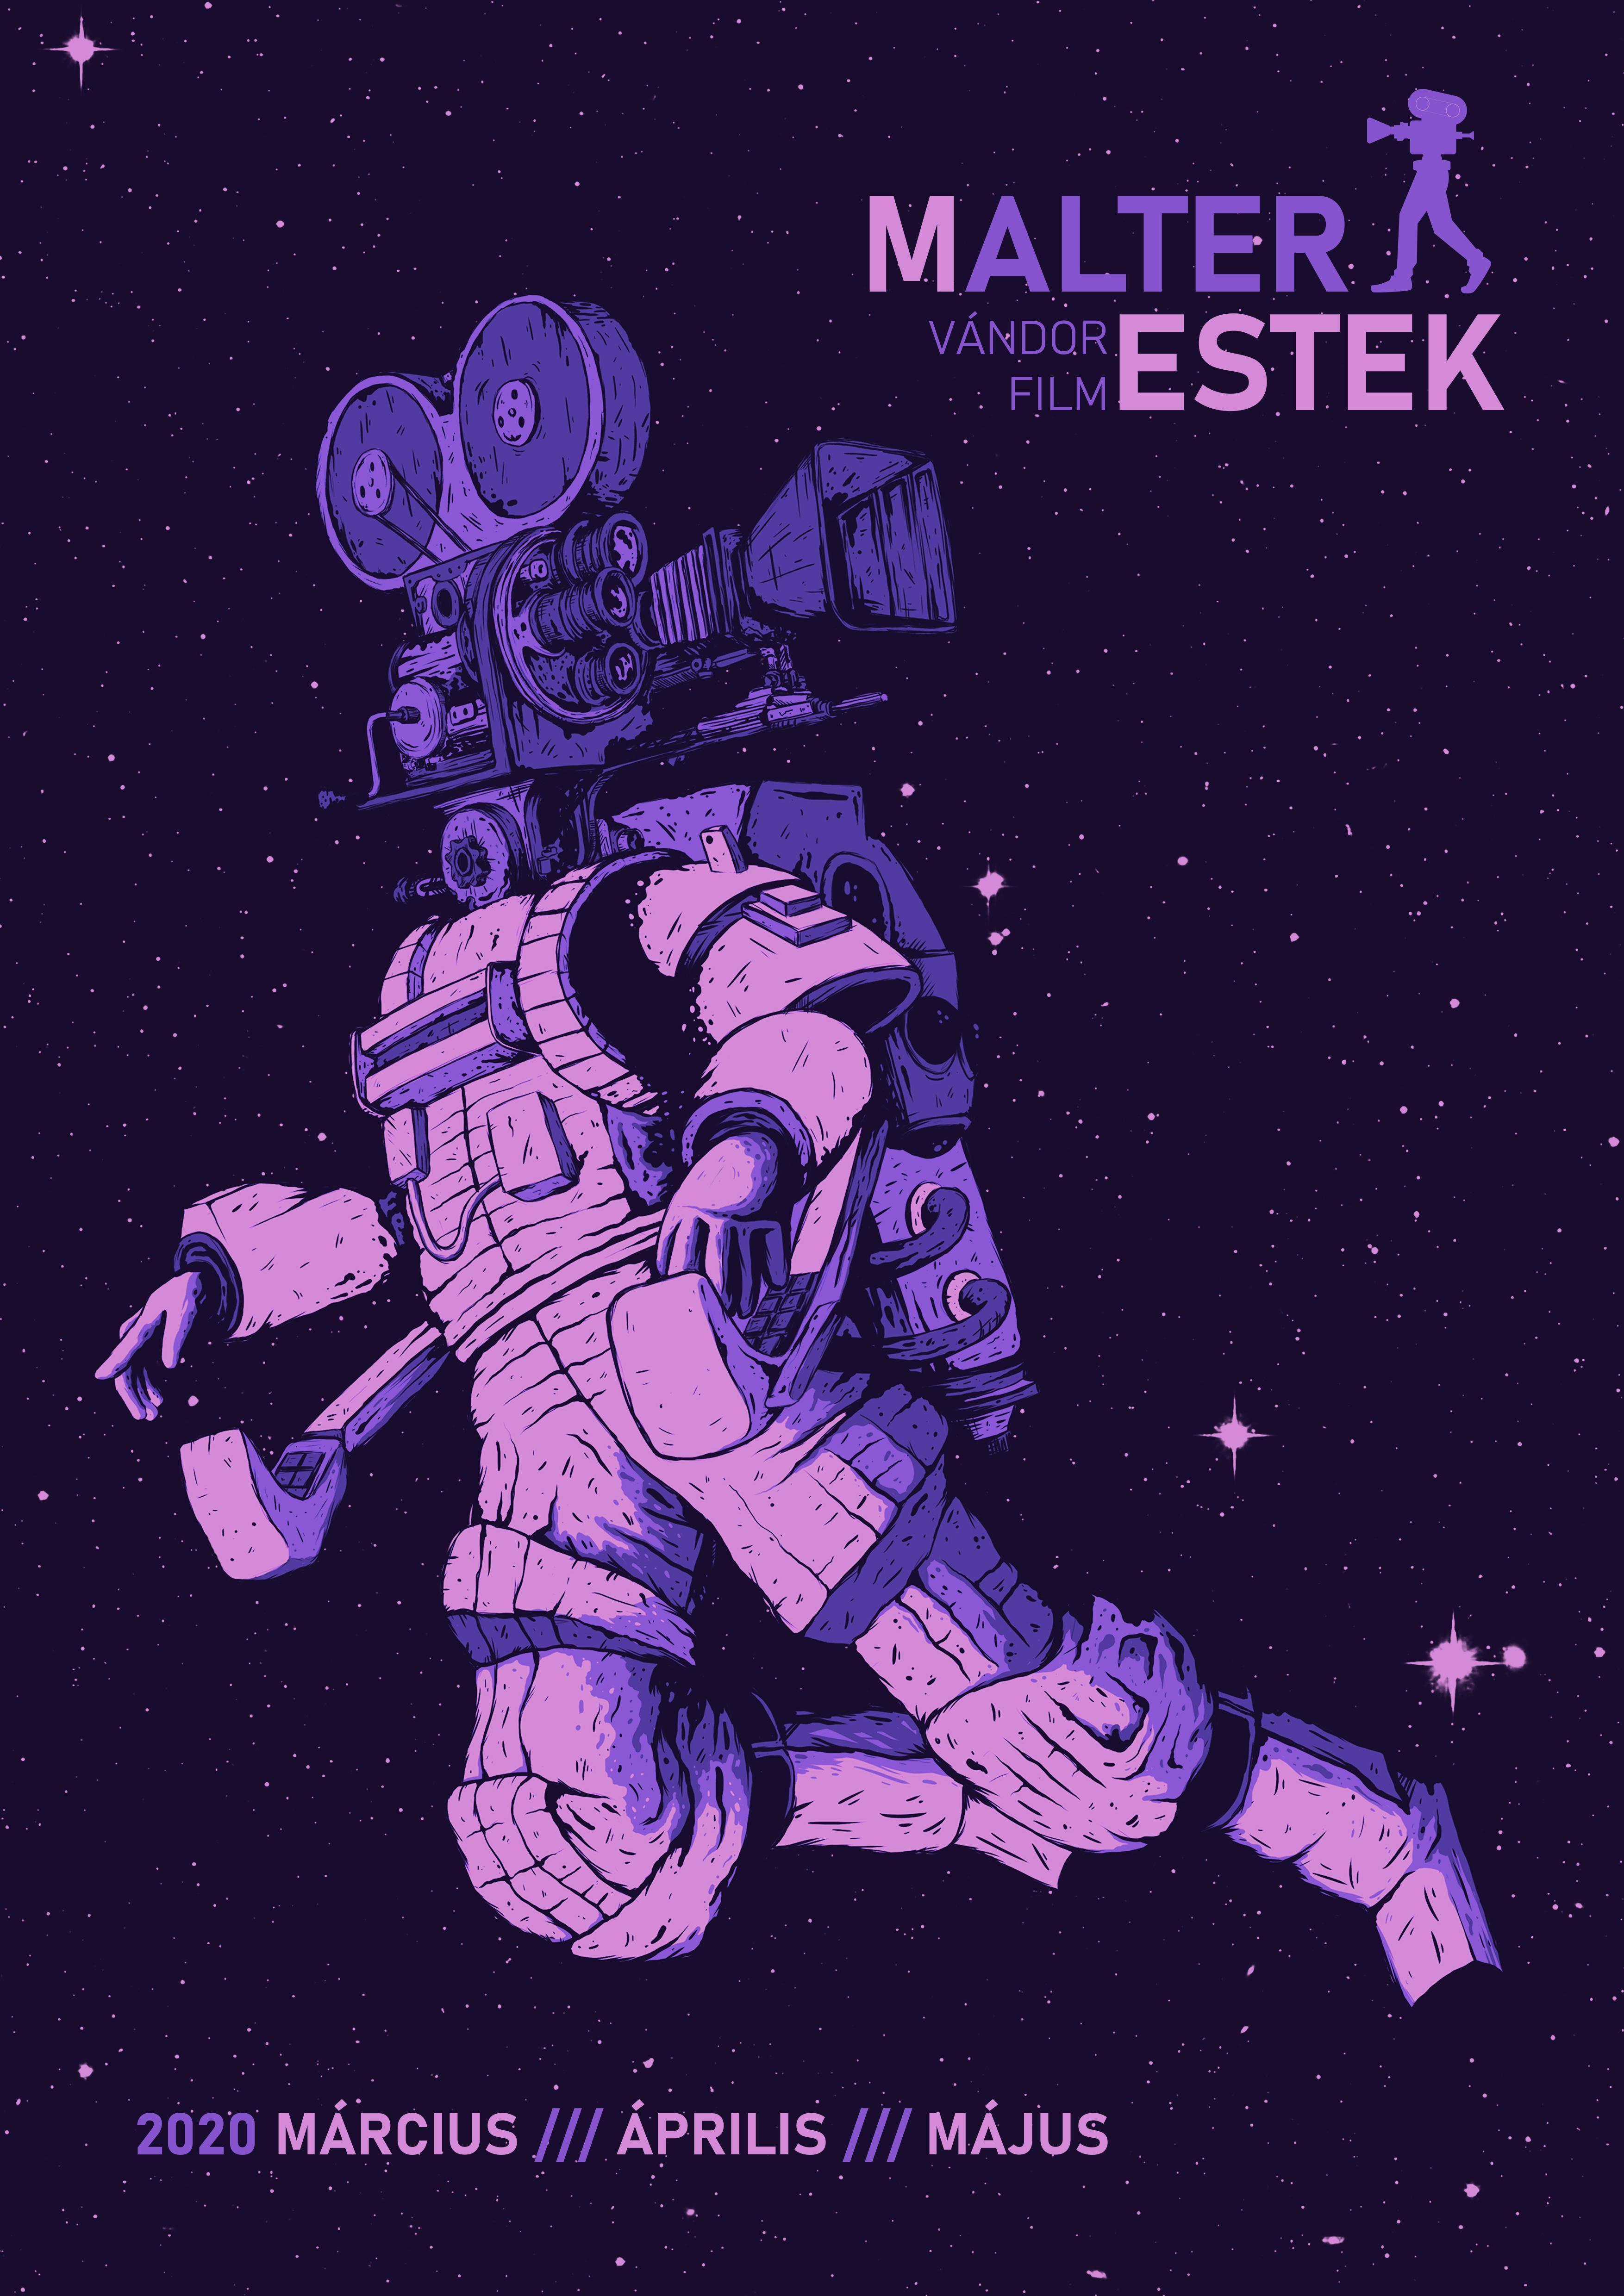 malter_estek_2020_plakat_datummal.jpg